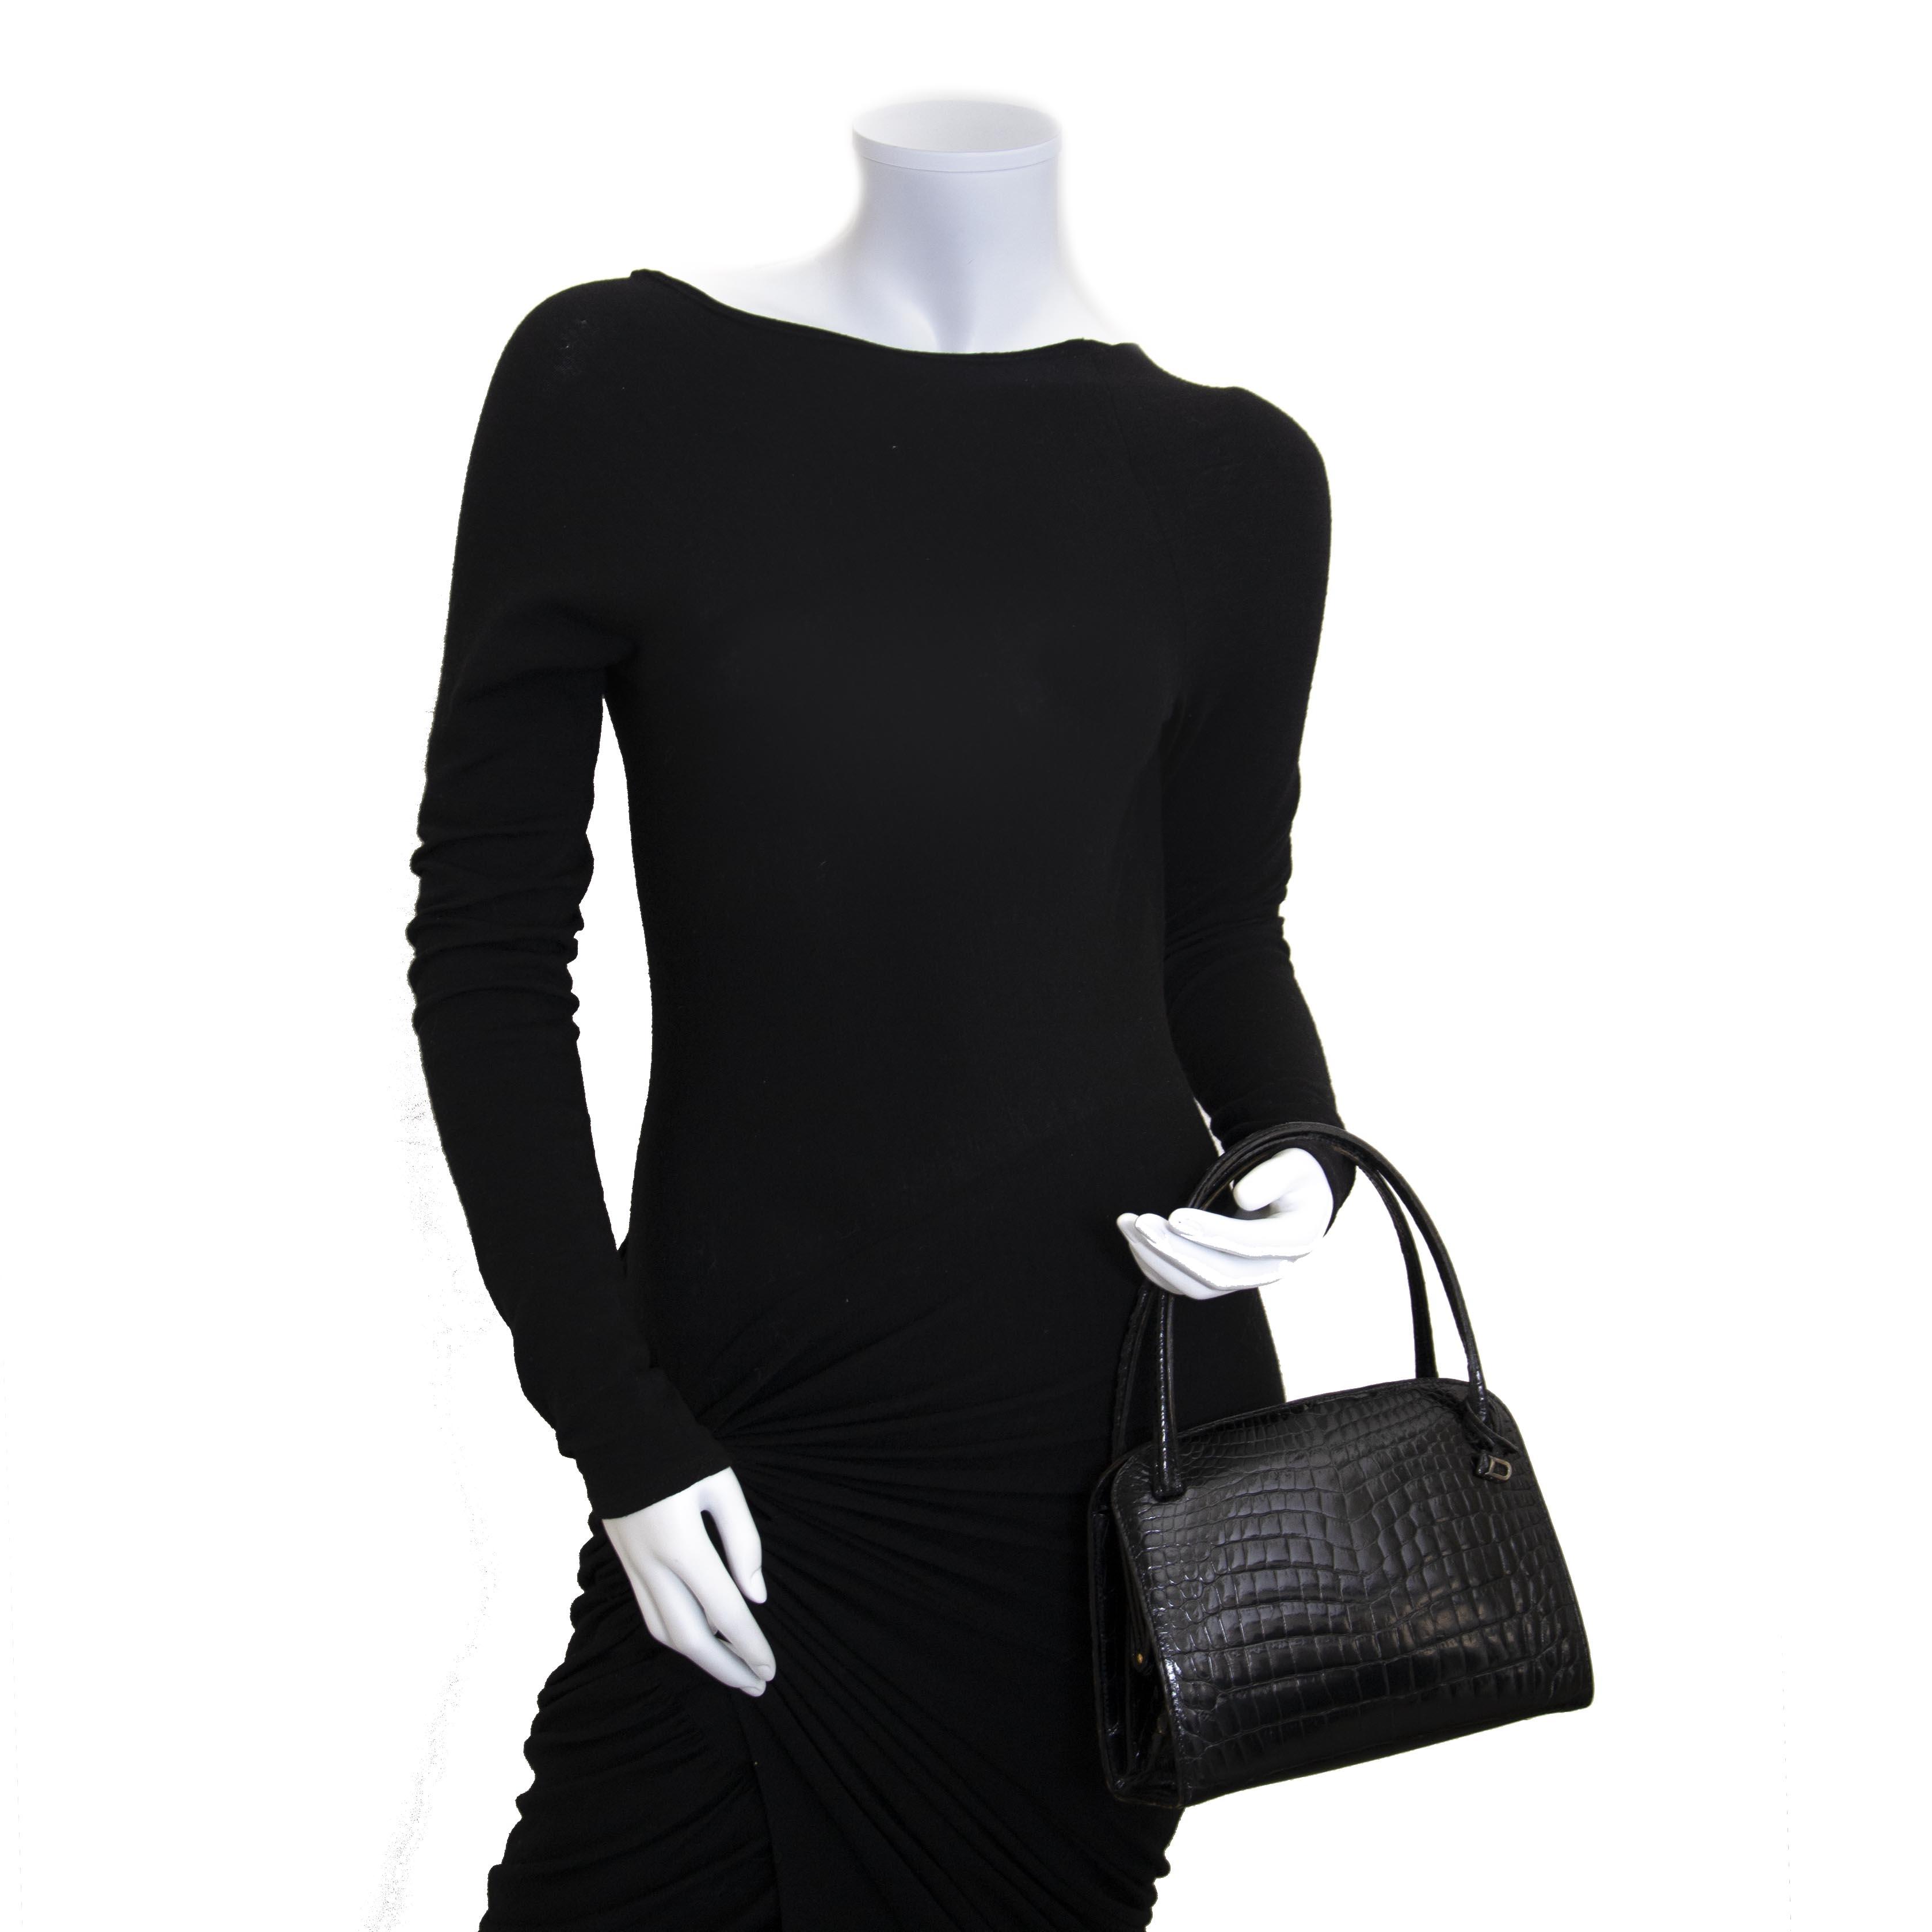 Buy secondhand Delvaux handbags at Labellov Antwerp